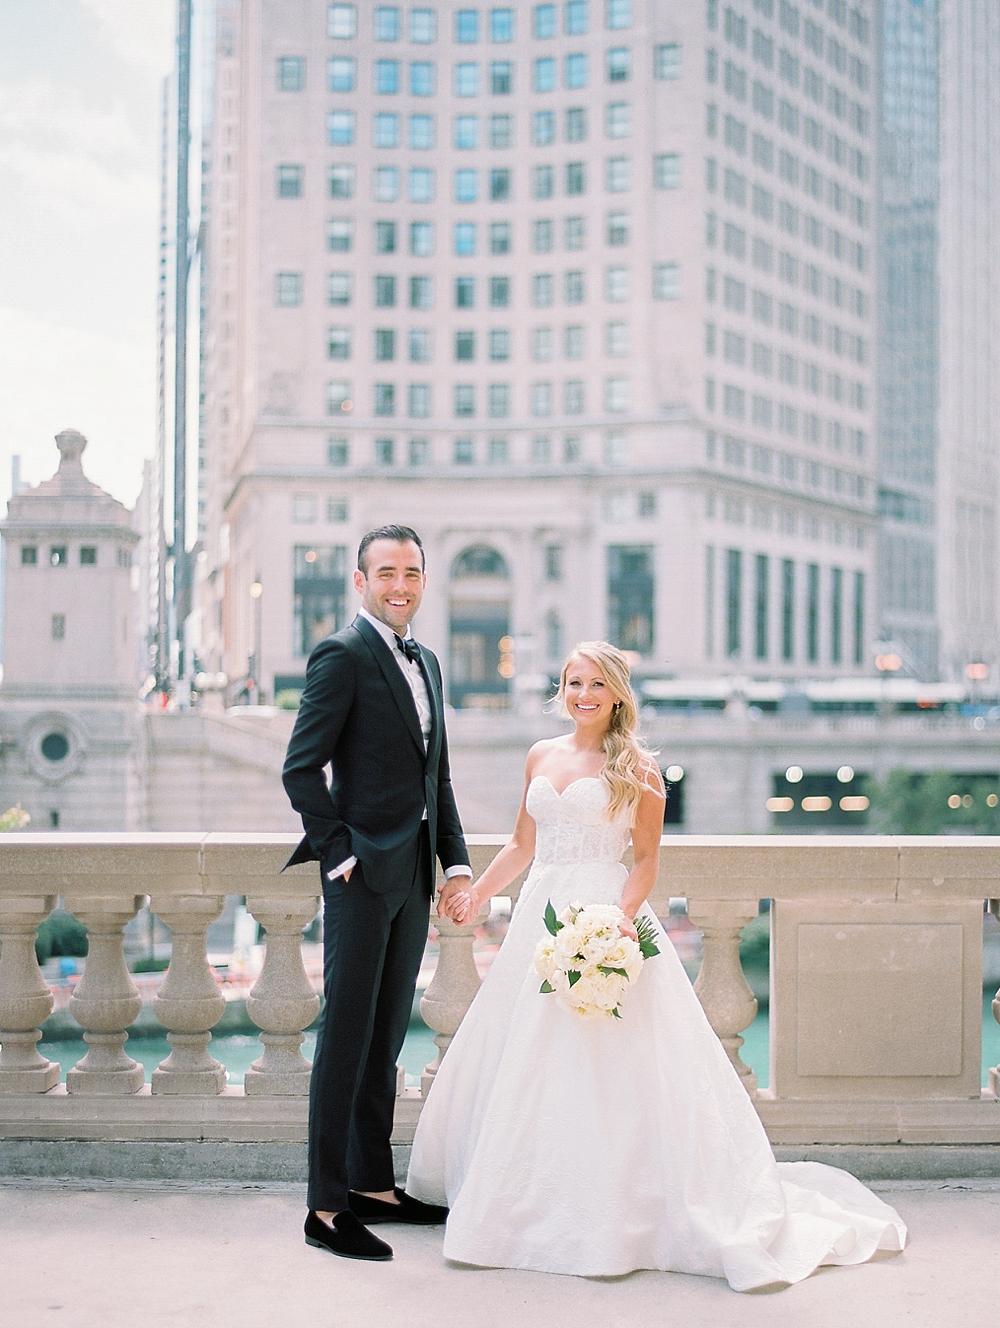 kristin-la-voie-photography-Chicago-Botanic-Garden-Wedding-8-29-21-78